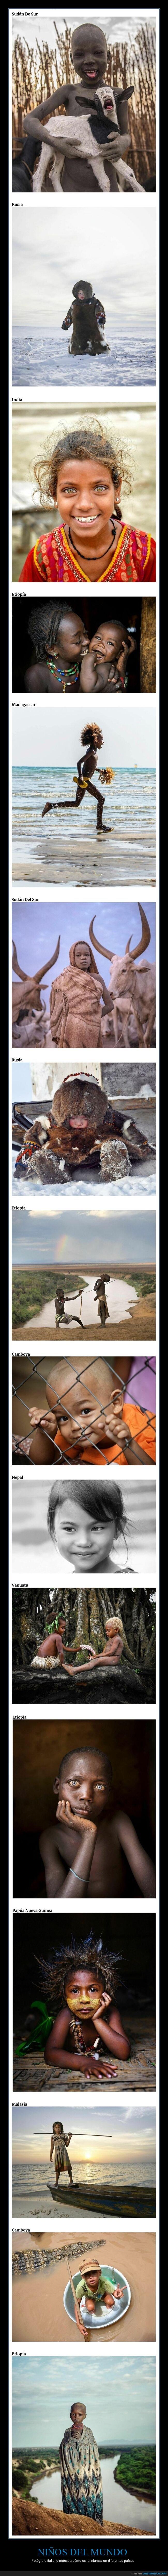 infancia,niños,países